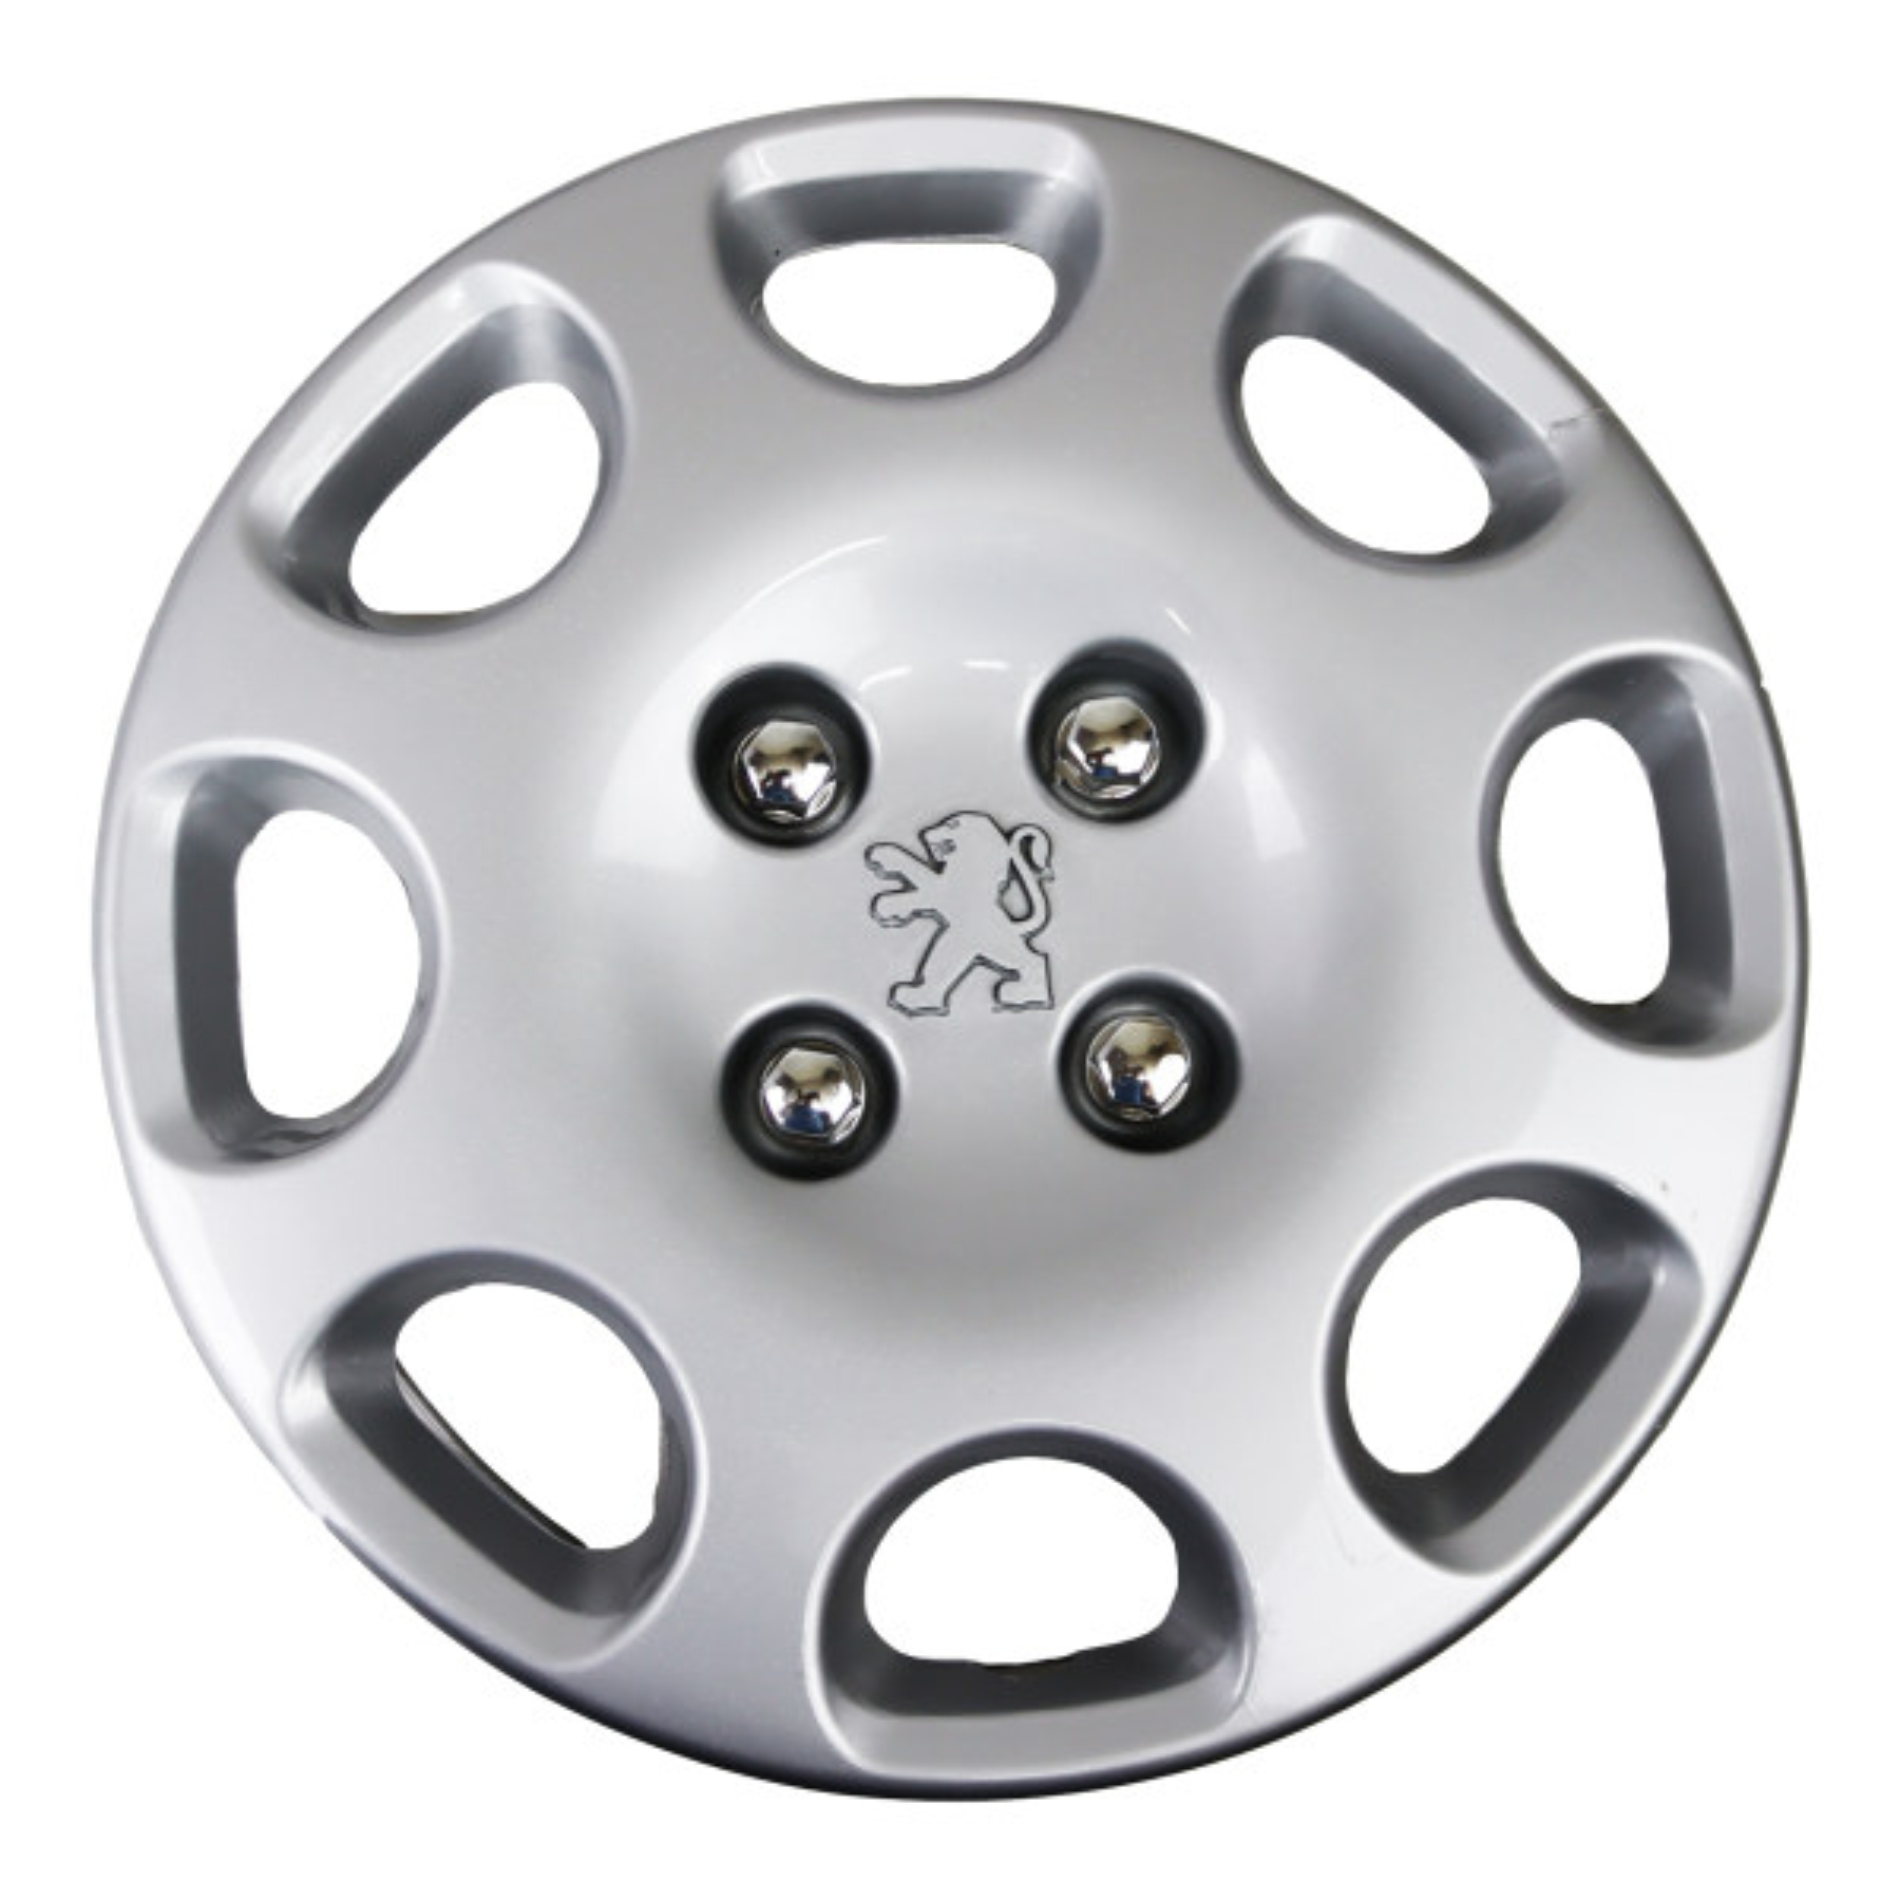 قالپاق چرخ سوشیانت مدل GH-01 سایز 14 اینچ مناسب برای پژو 206